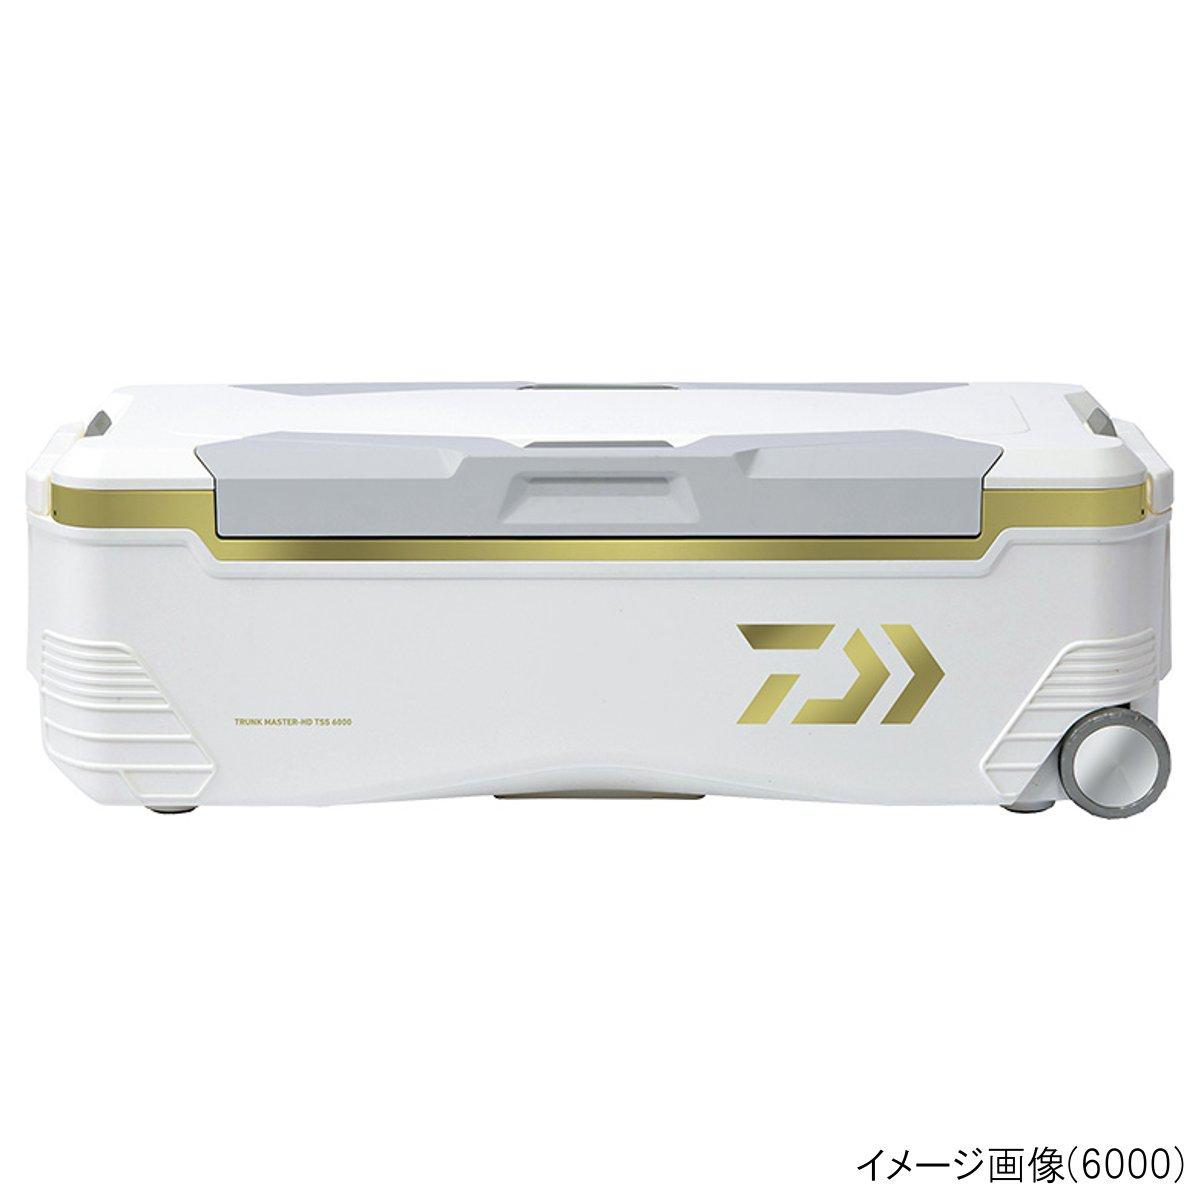 ダイワ トランクマスターHD TSS 4800 Sゴールド クーラーボックス【大型商品】(東日本店)【同梱不可】